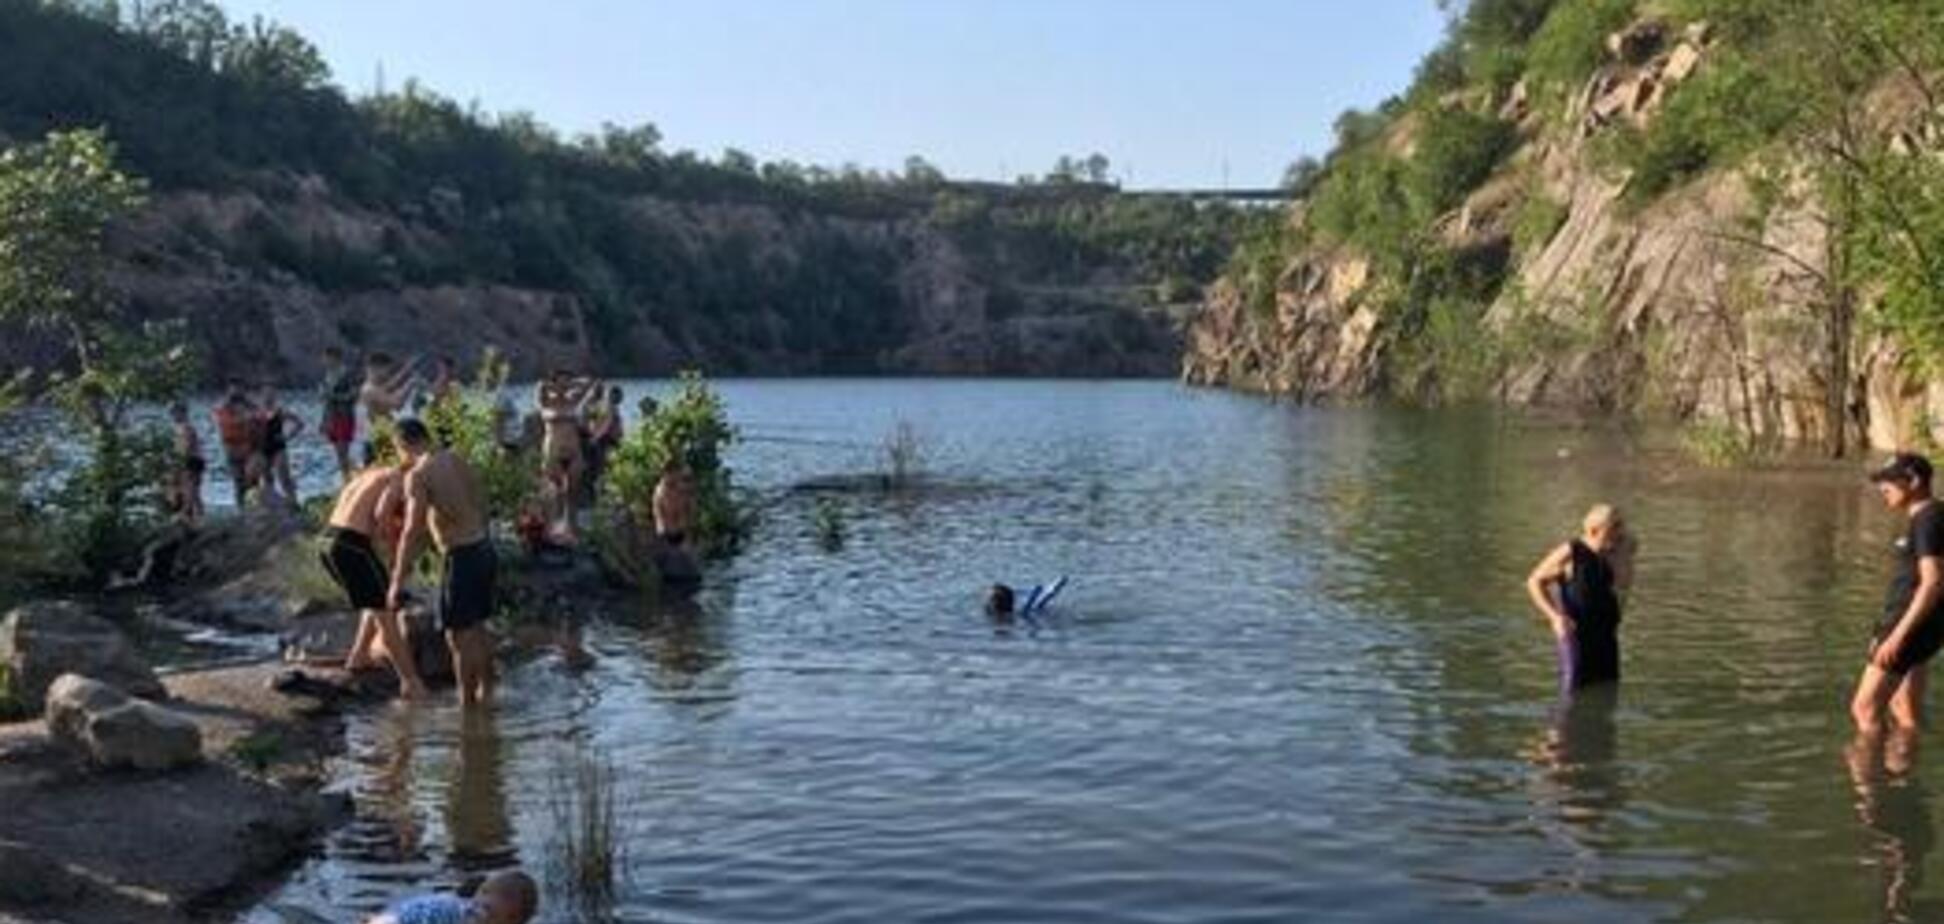 В Кривом Роге подросток утонул во время отдыха с друзьями. Фото 18+